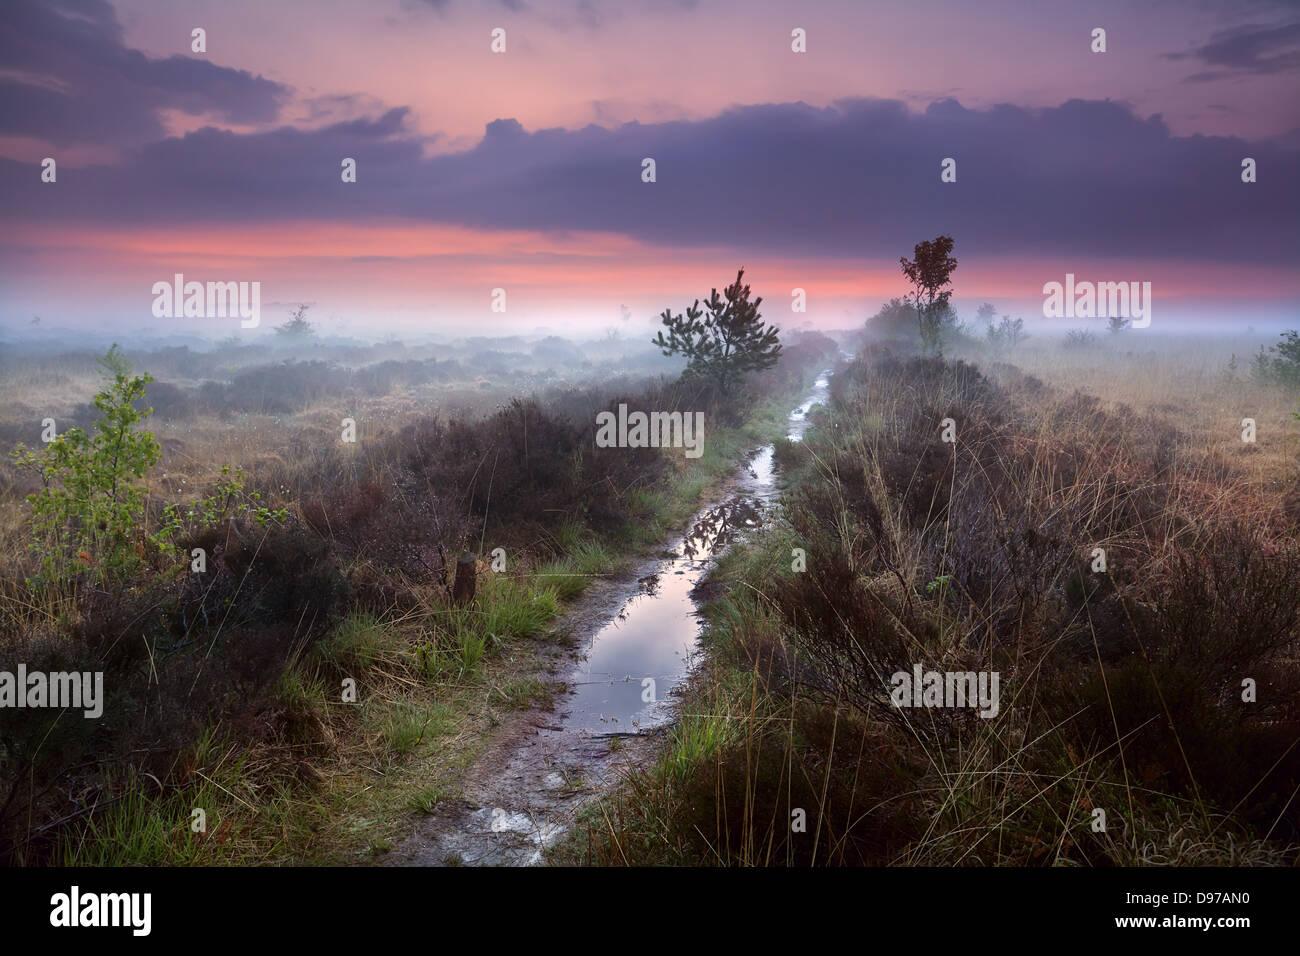 Estrecho sendero húmedo de niebla, a través de pantanos, Drenthe, Países Bajos Imagen De Stock